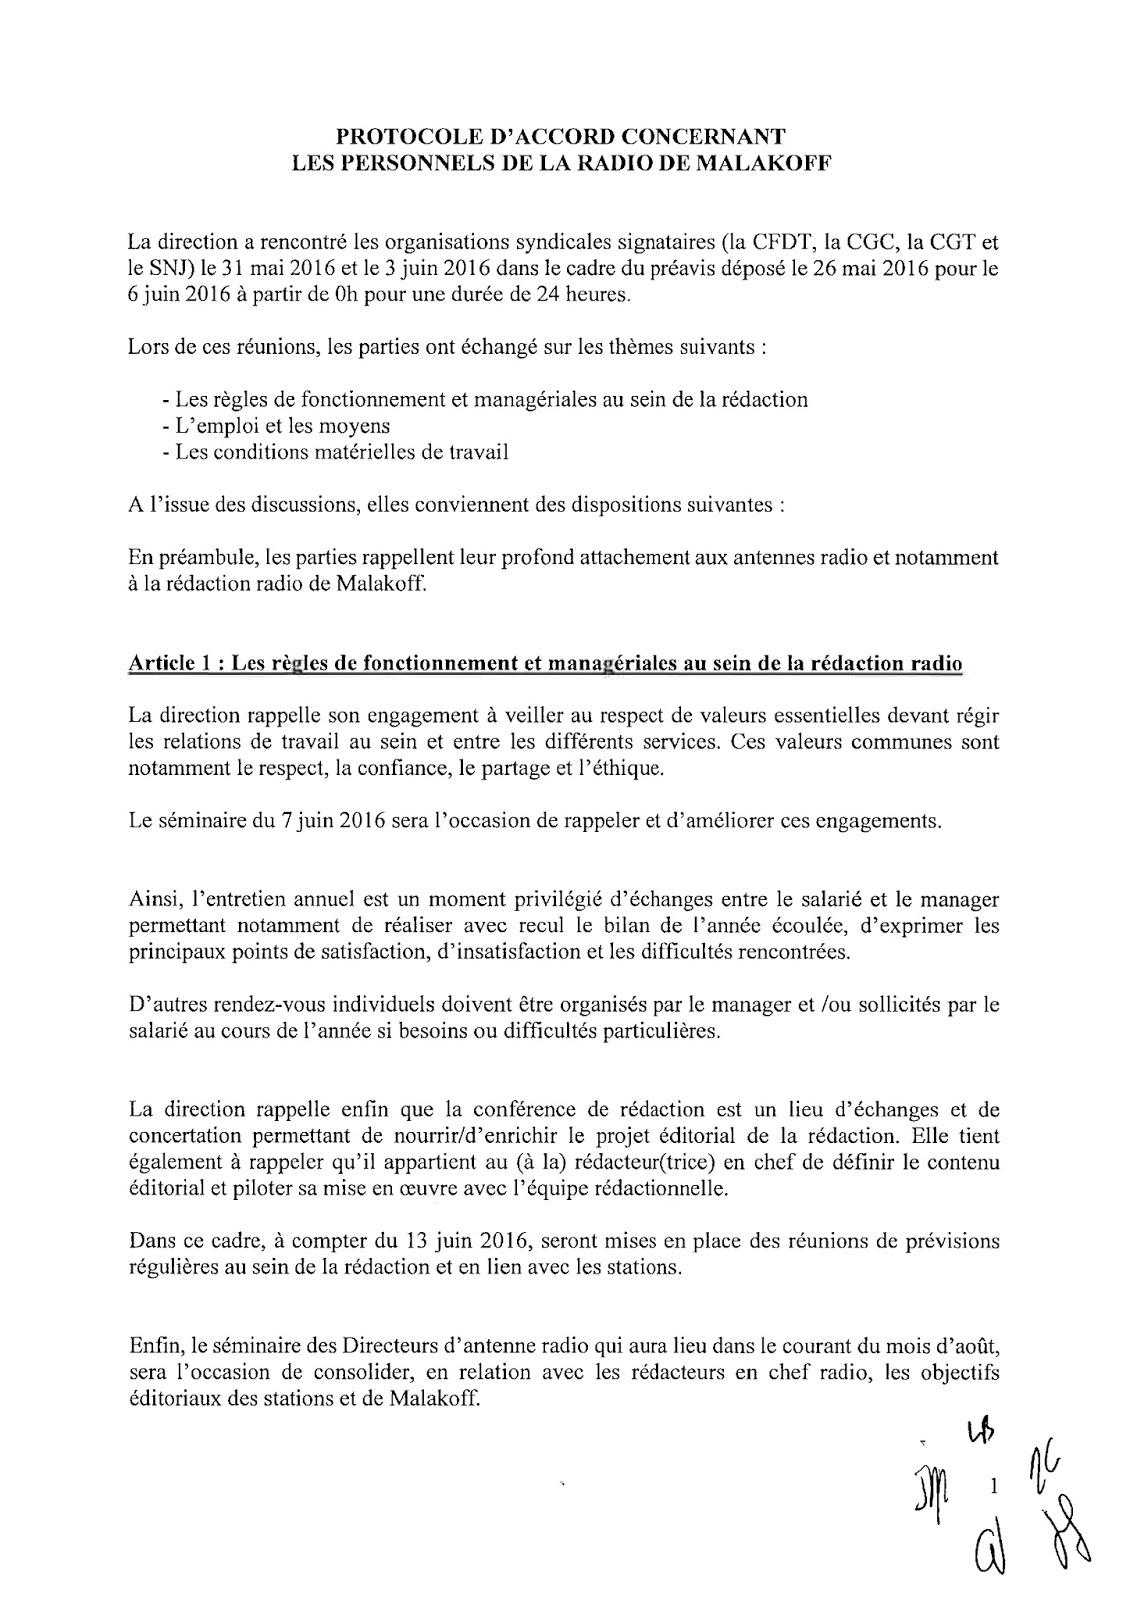 Le blog cgc des m dias 29 mai 2016 for Redaction sur le respect